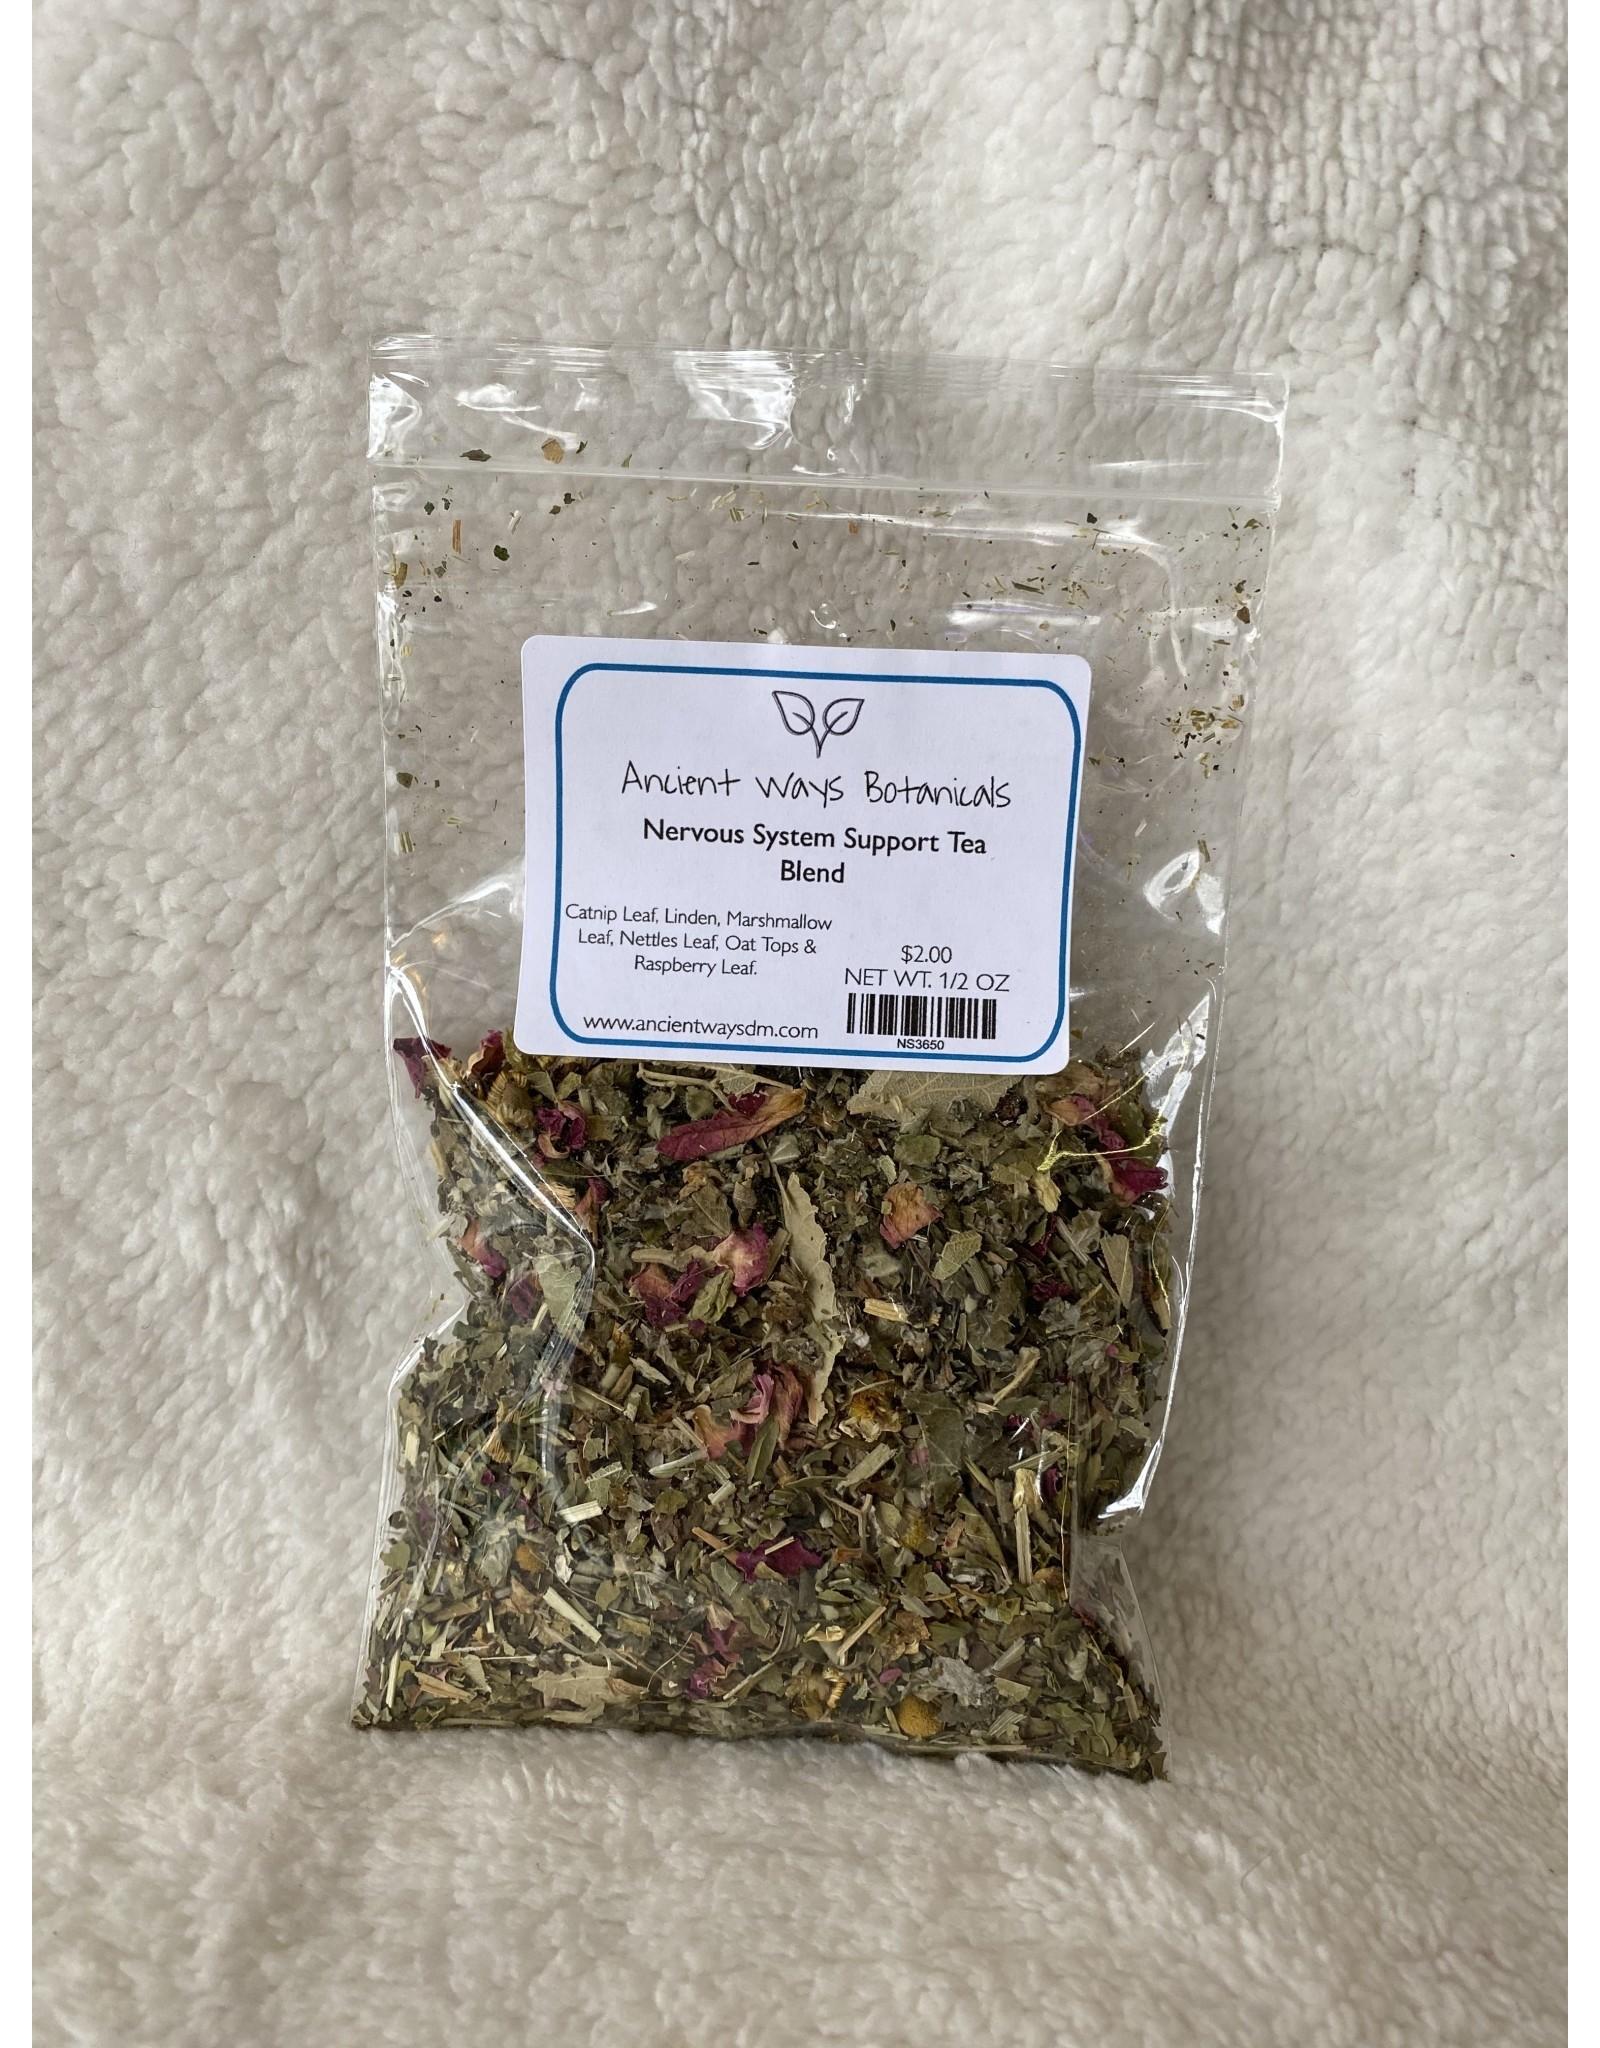 Nervous System Support Tea Blend - 1/2 oz